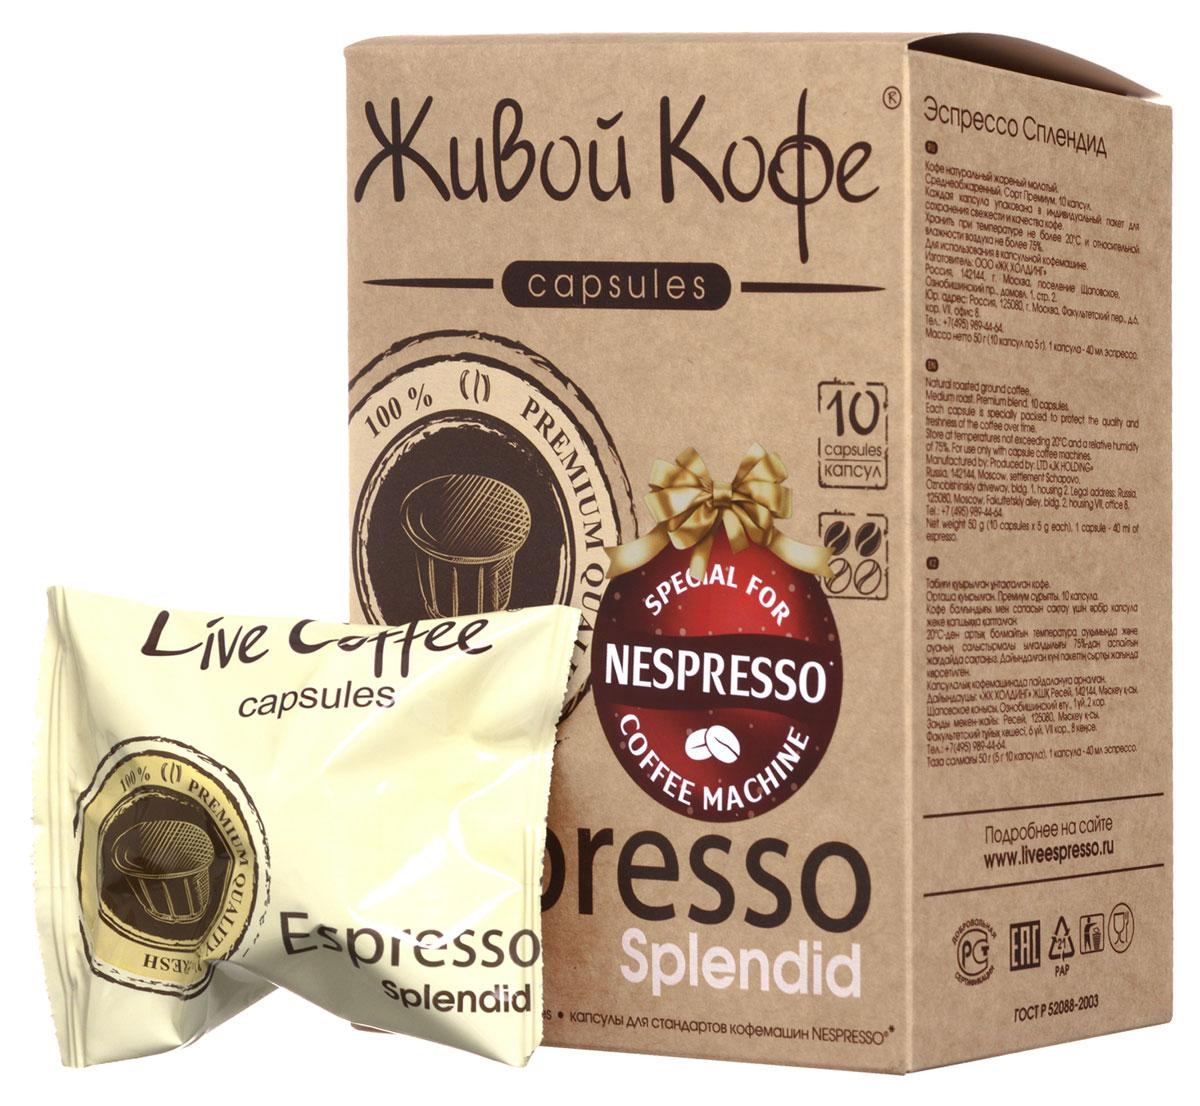 Живой Кофе Espresso Splendid кофе в капсулах (индивидуальная упаковка), 10 шт кофе в капсулах tassimo карт нуар кафе лонг интенс 128г